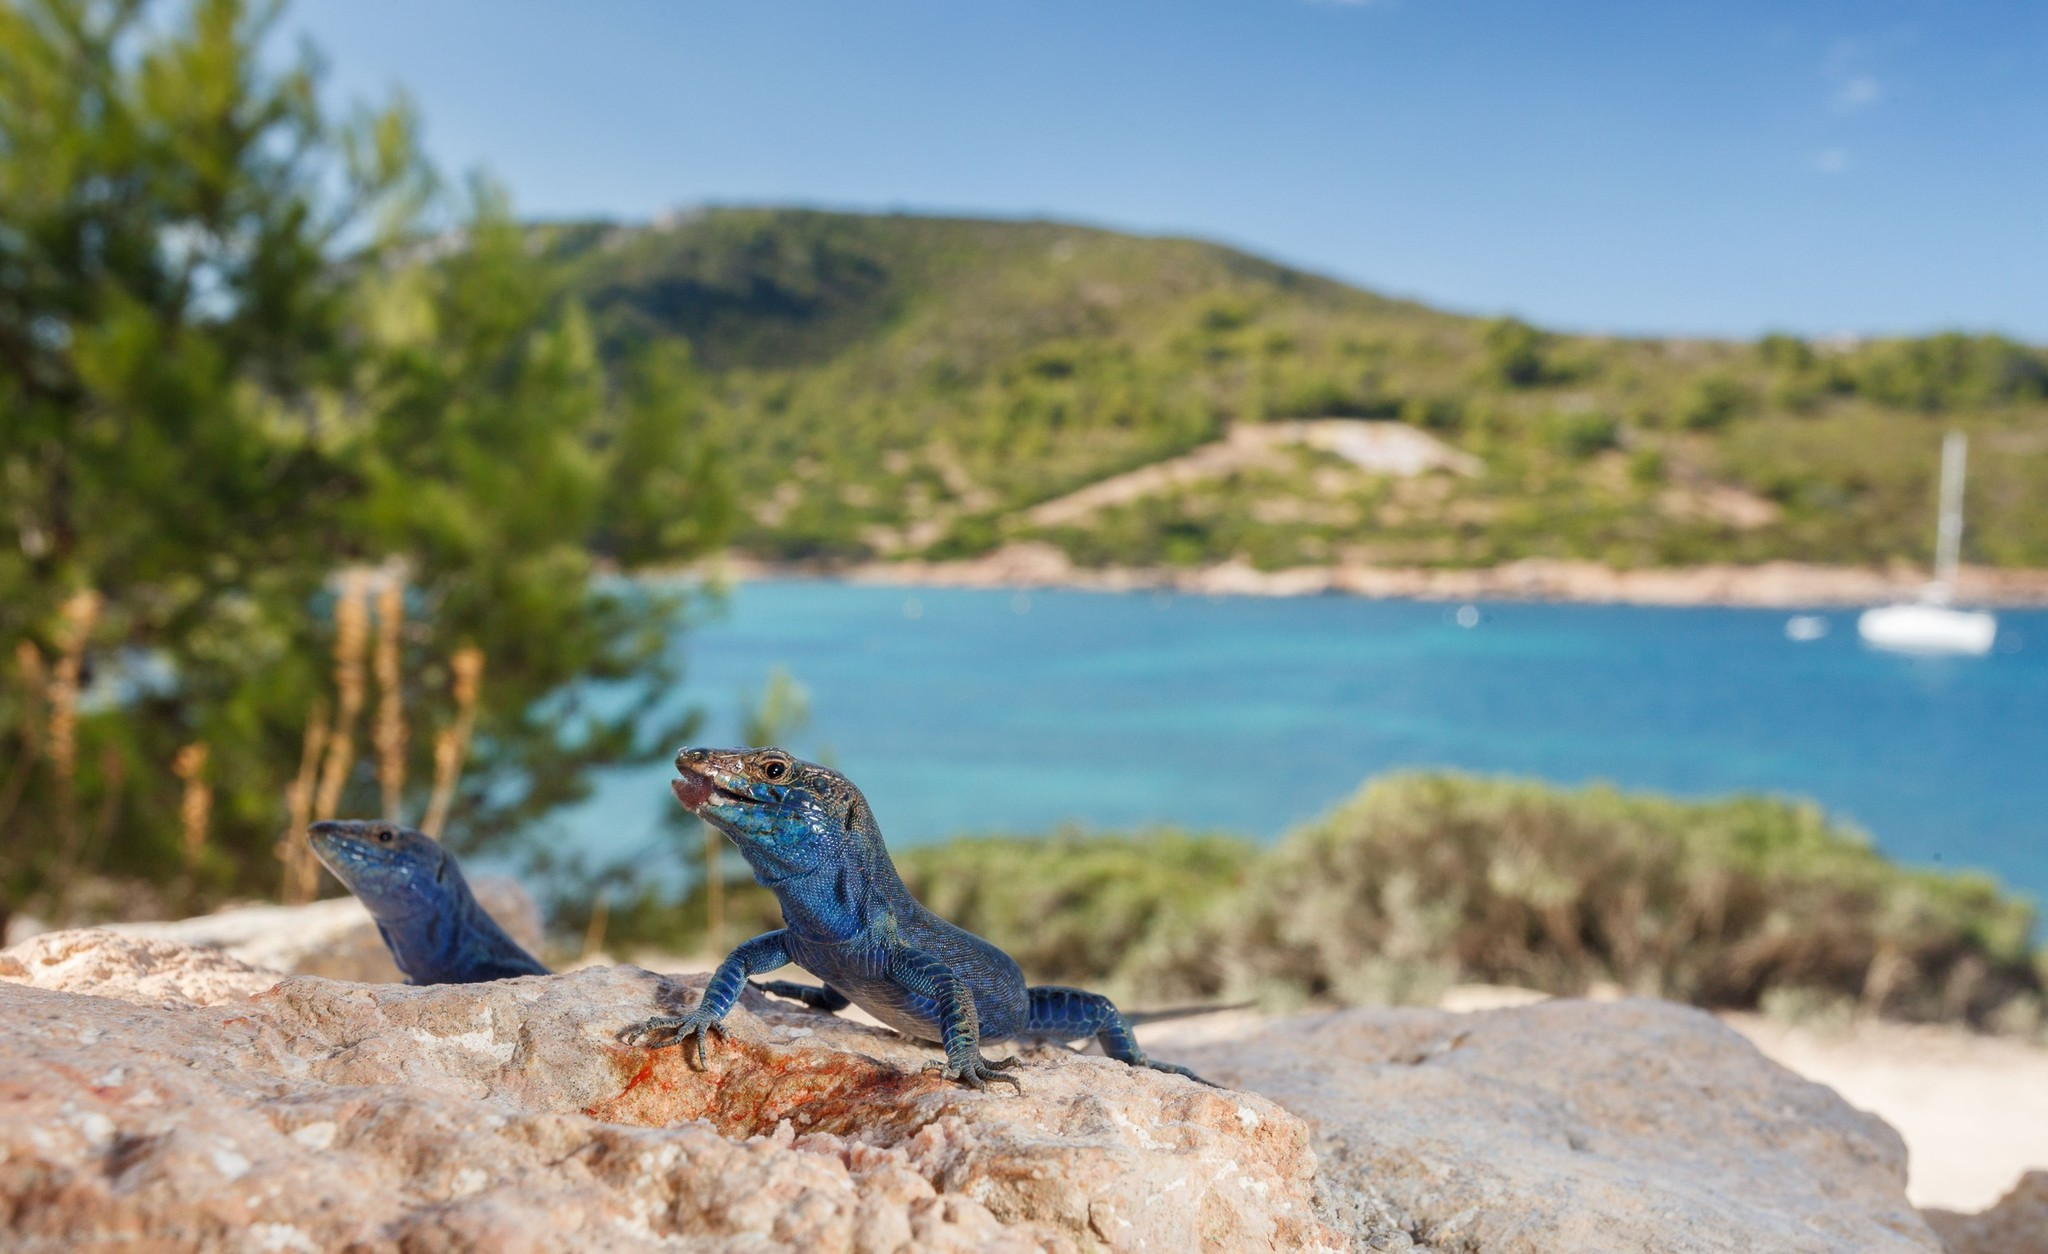 La lagartija azul, especie endémica del archipiélago de Cabrera.